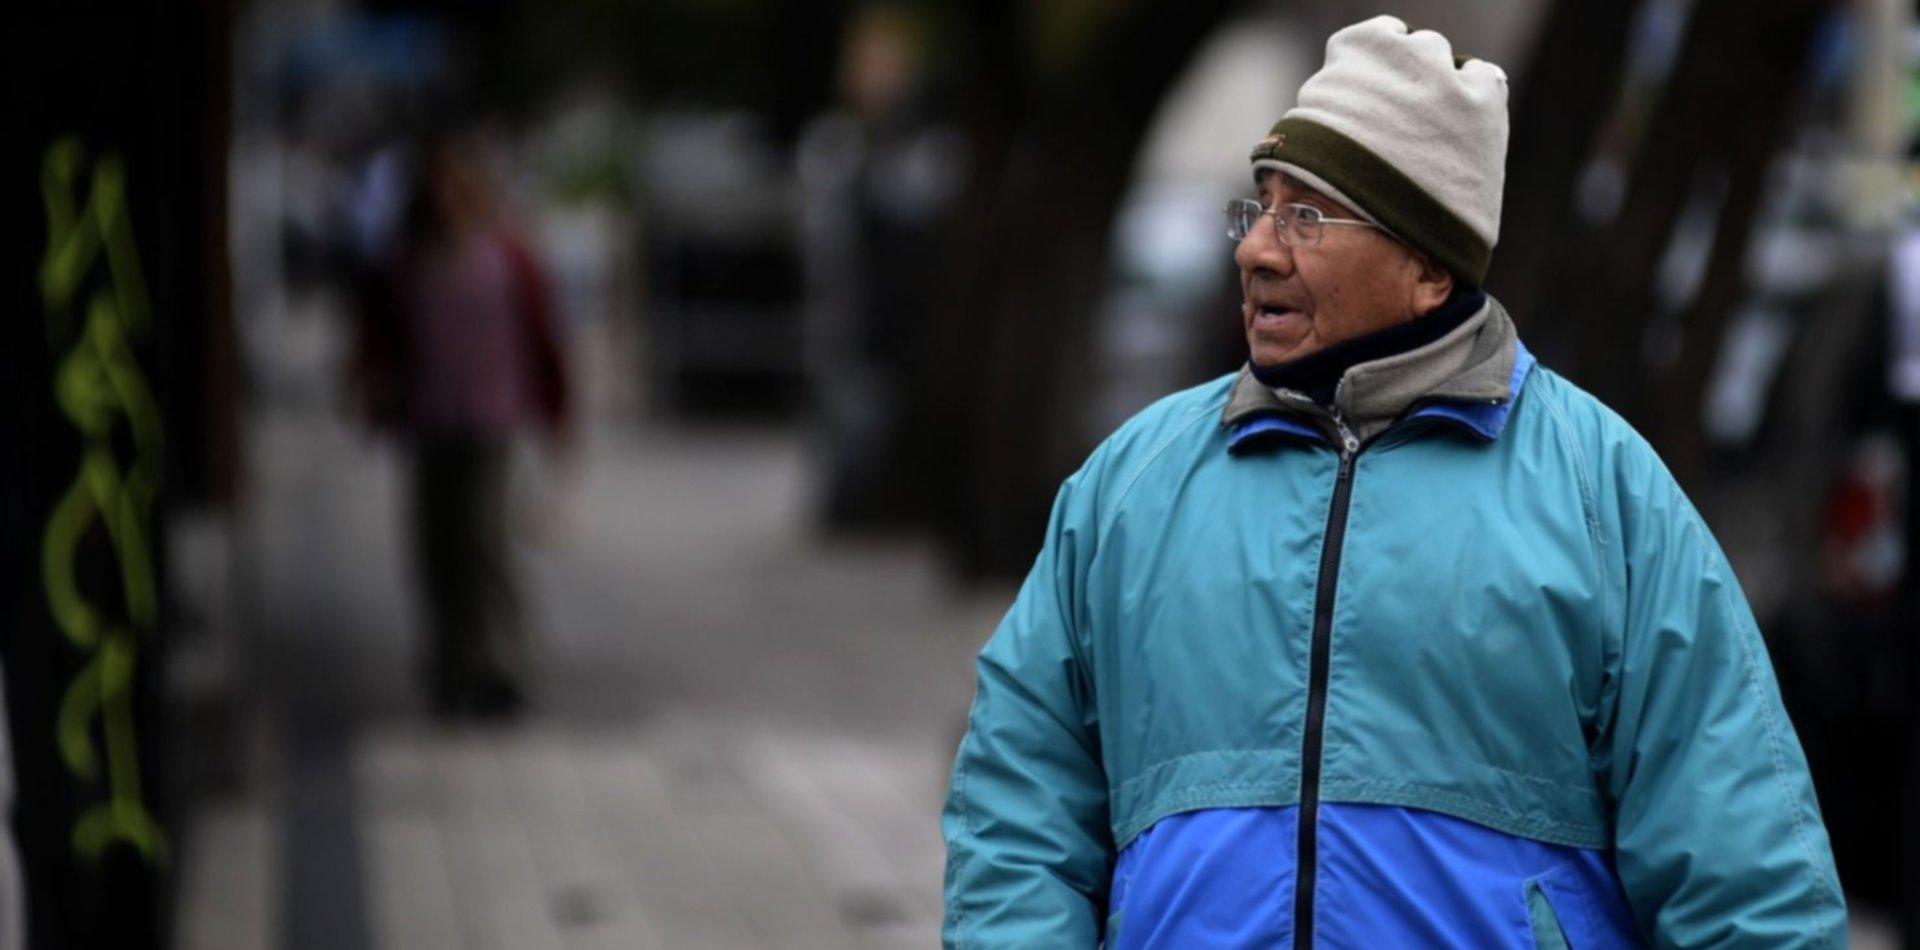 Clima en La Plata: domingo muy frío en la ciudad, con algo de nubes y se acercan las lluvias